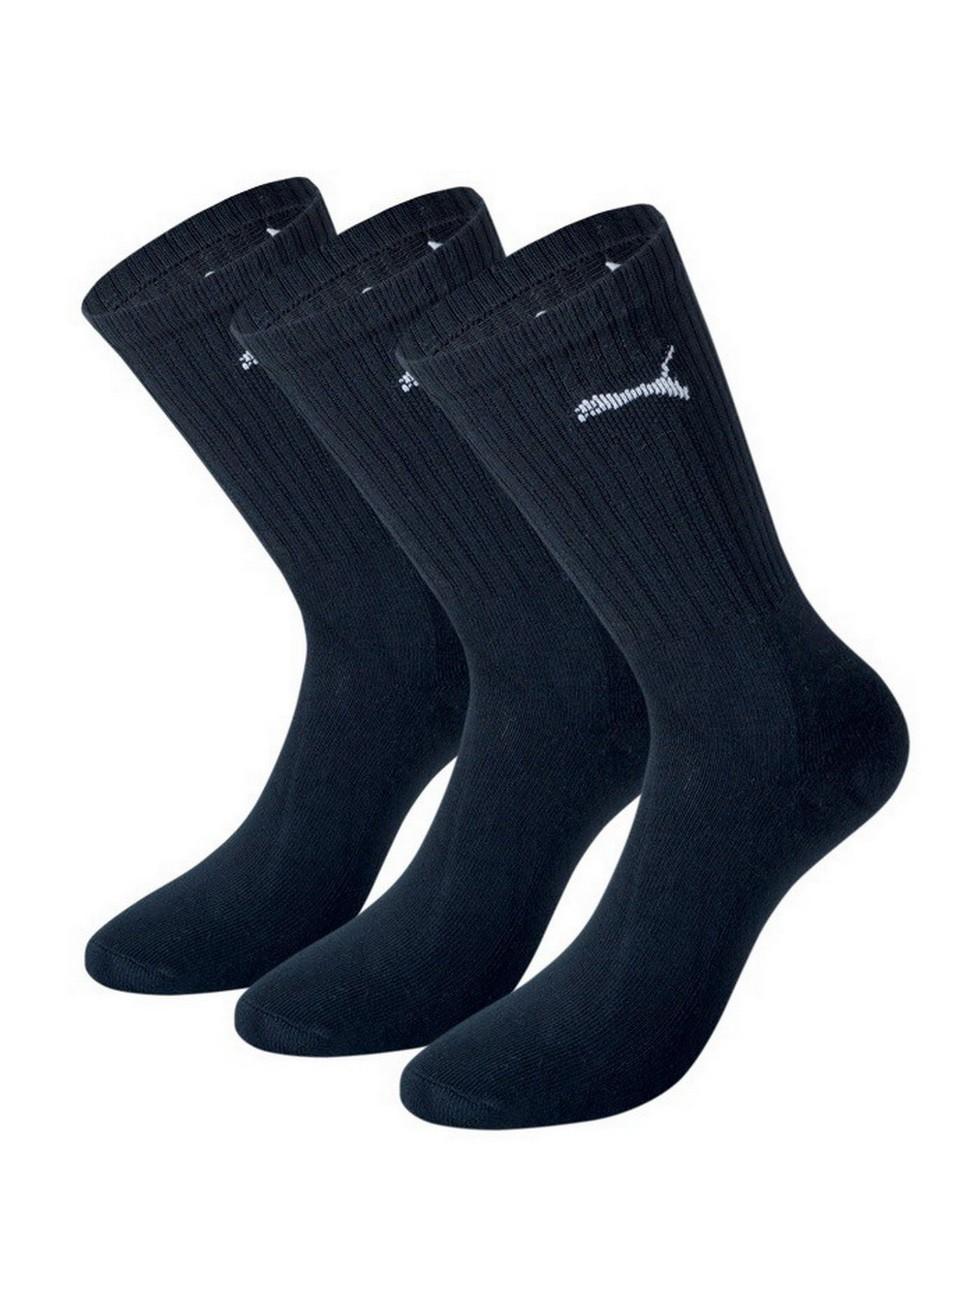 Puma Basic Socken Unisex Crew Socken - 3er Pack black (200), 39-42